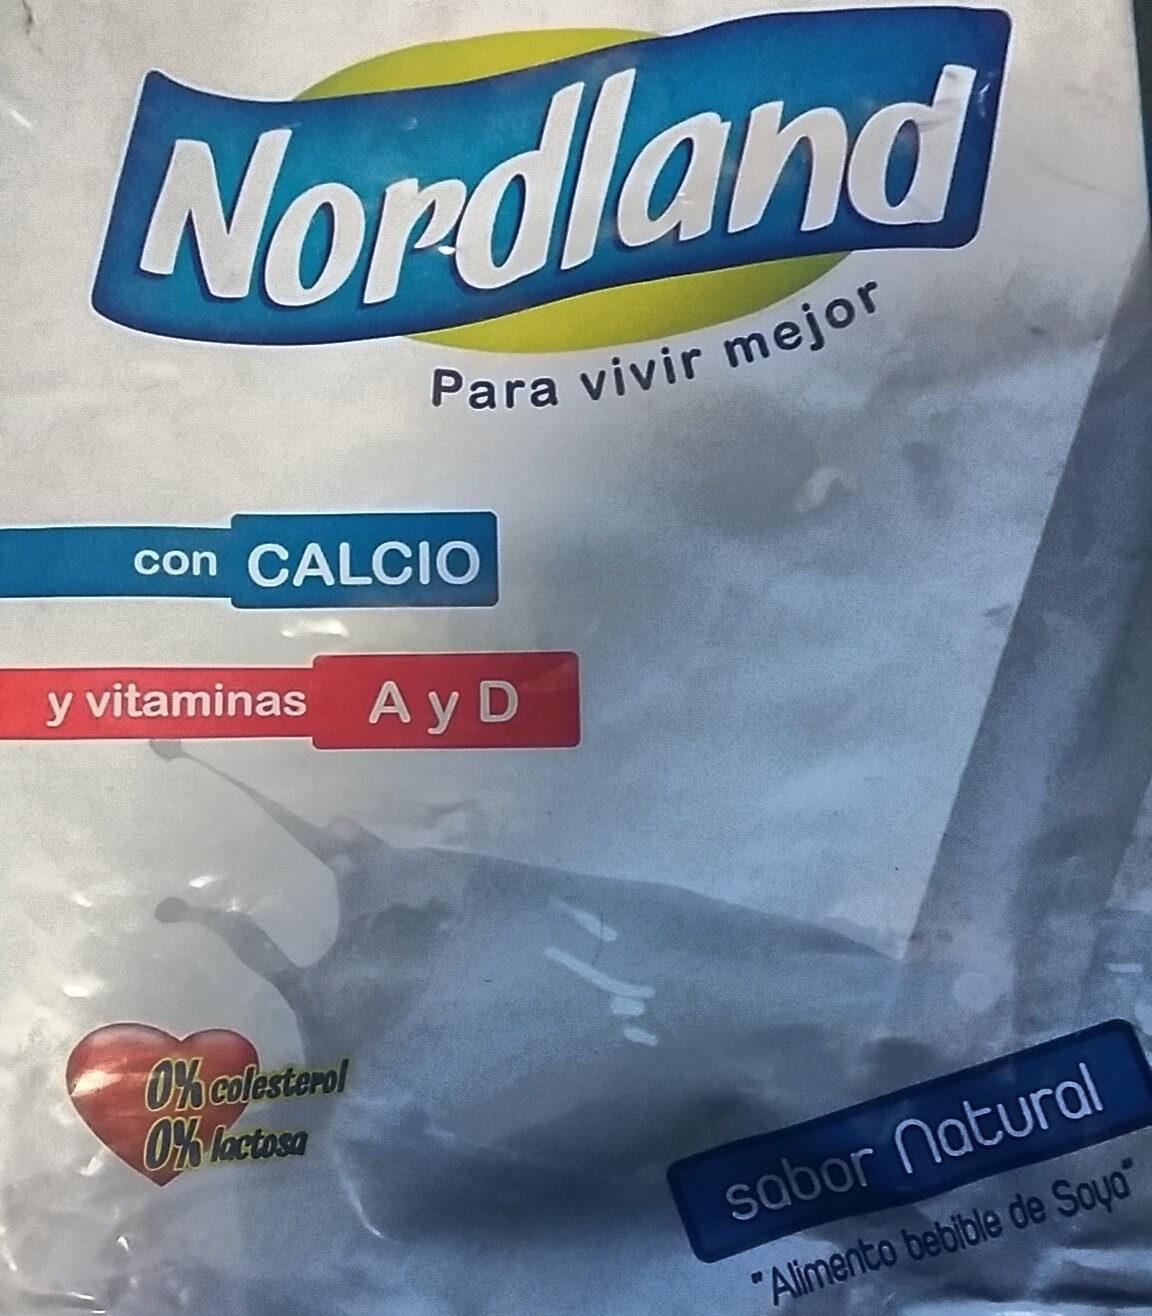 Leche Nordland - Product - en